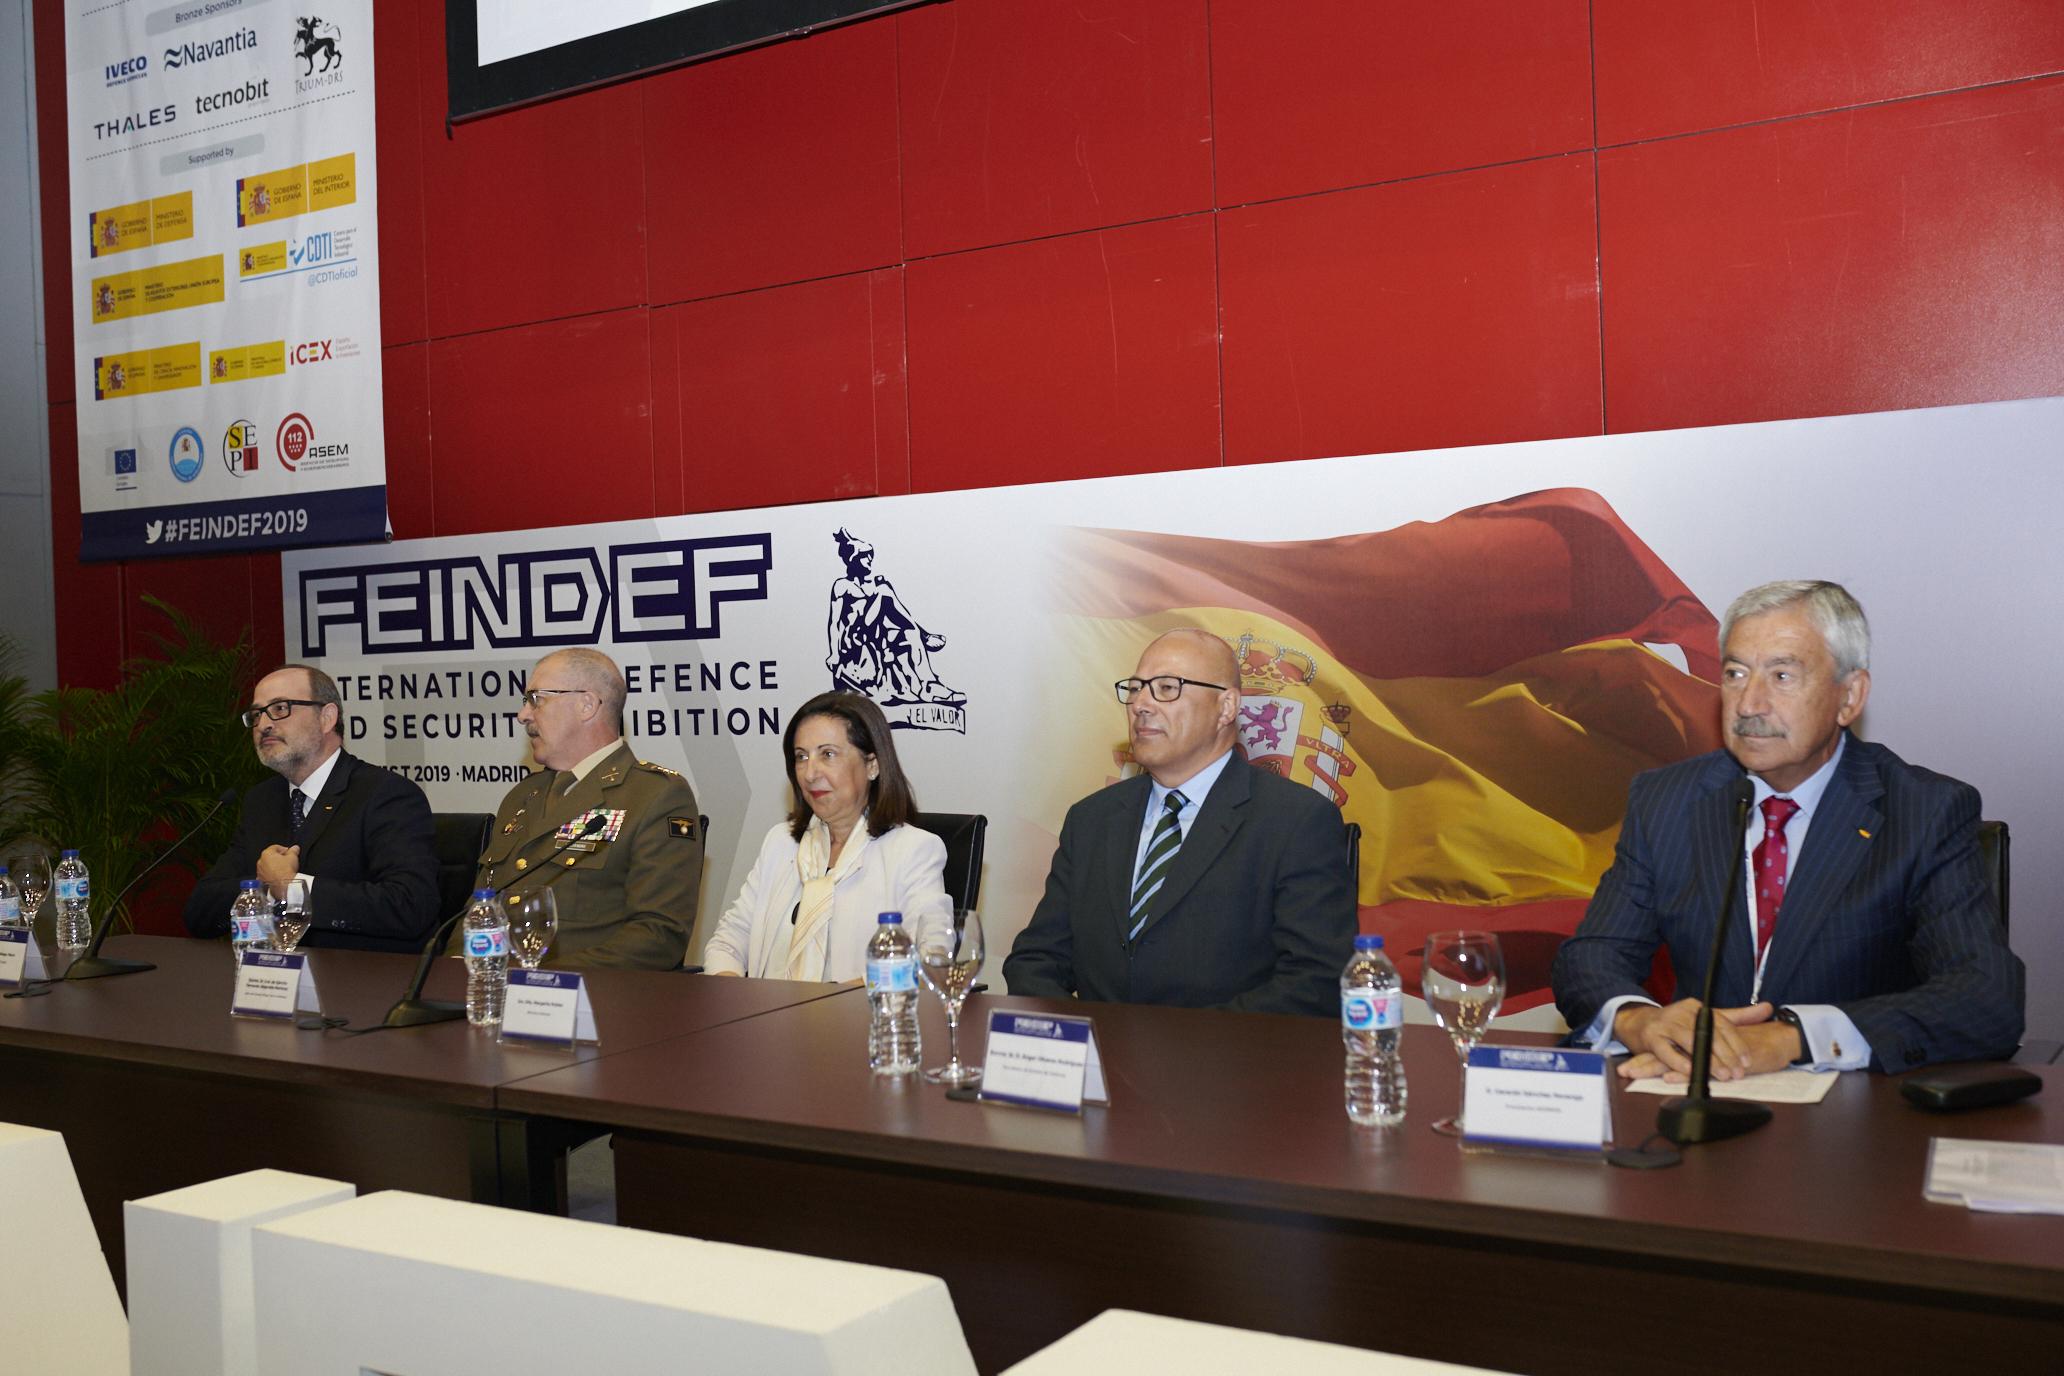 INTEGRA INTERNATIONAL participa en la primera edición de FEINDEF